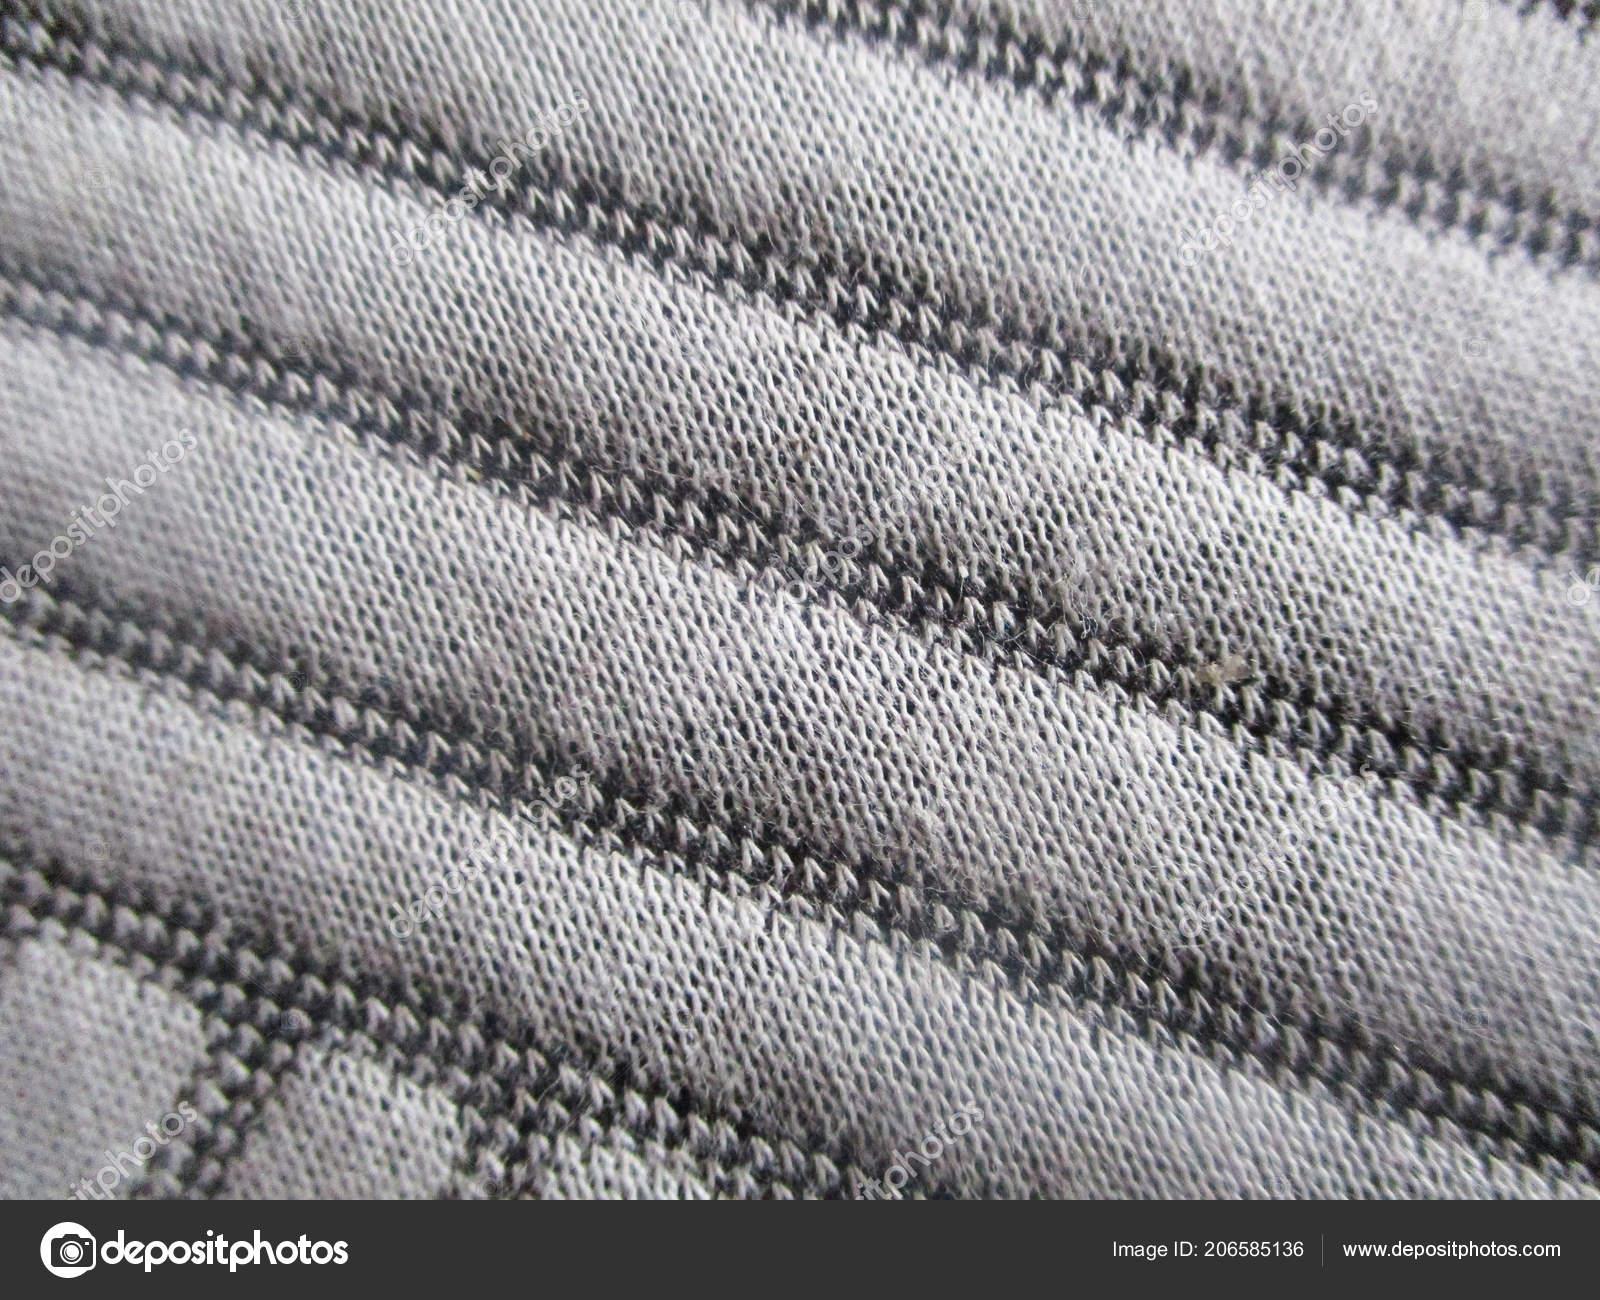 Fabric Stitch Embroidery Different Texture U2014 Stock Photo U00a9 Tajdarshah #206585136